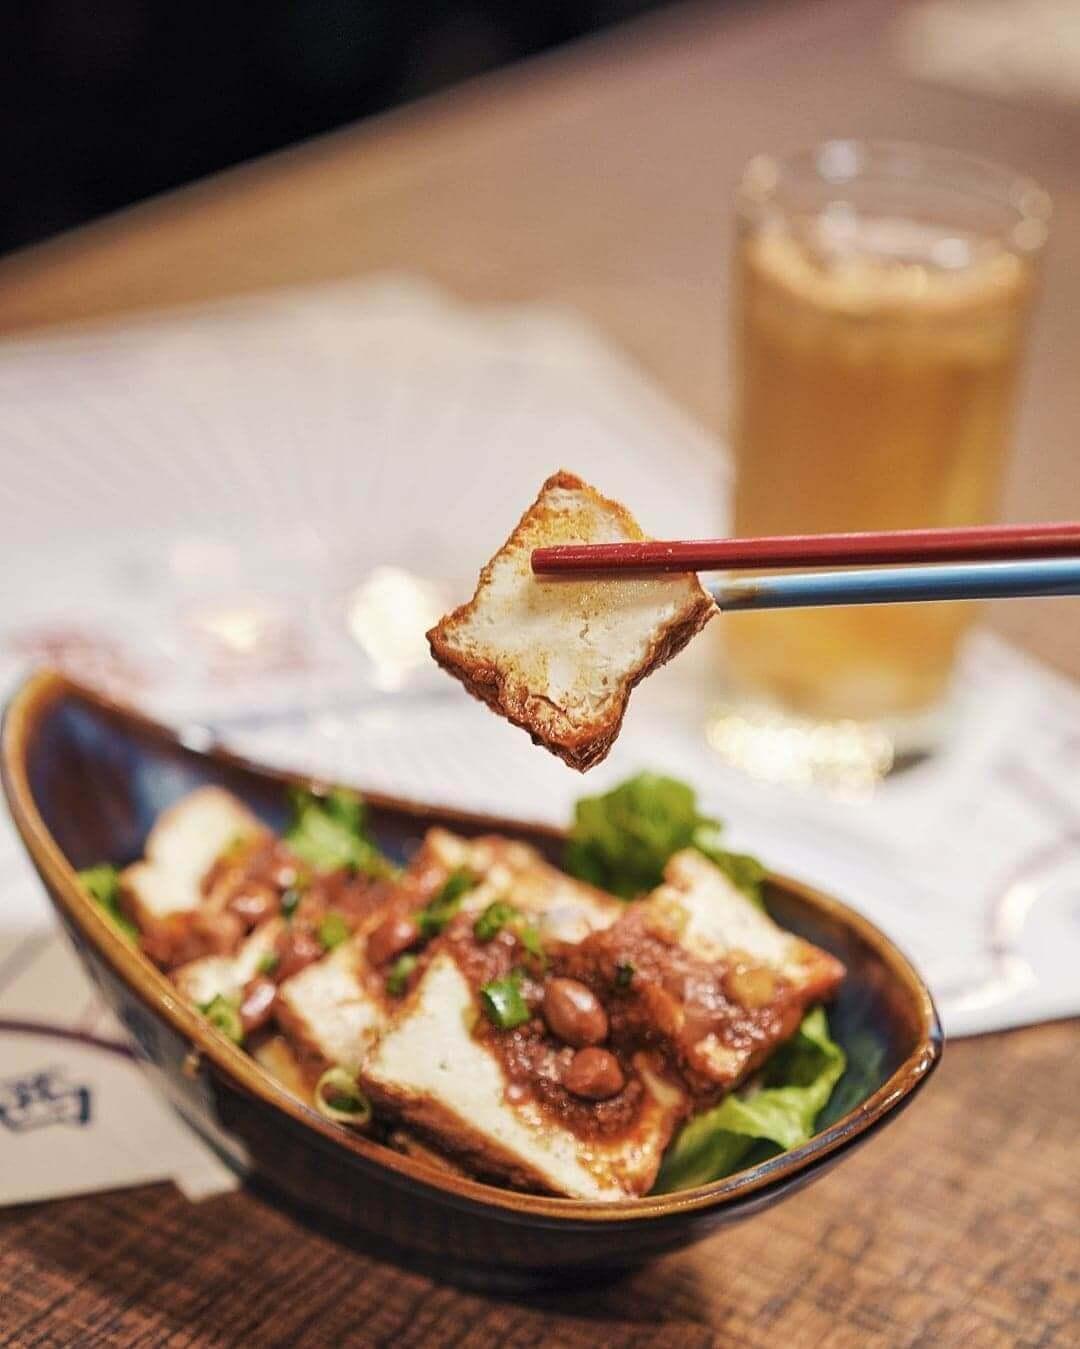 餐廳對馬拉嘅「辣」同樣執著,以蝦膏、蝦米與辣椒自家製成參巴辣醬。